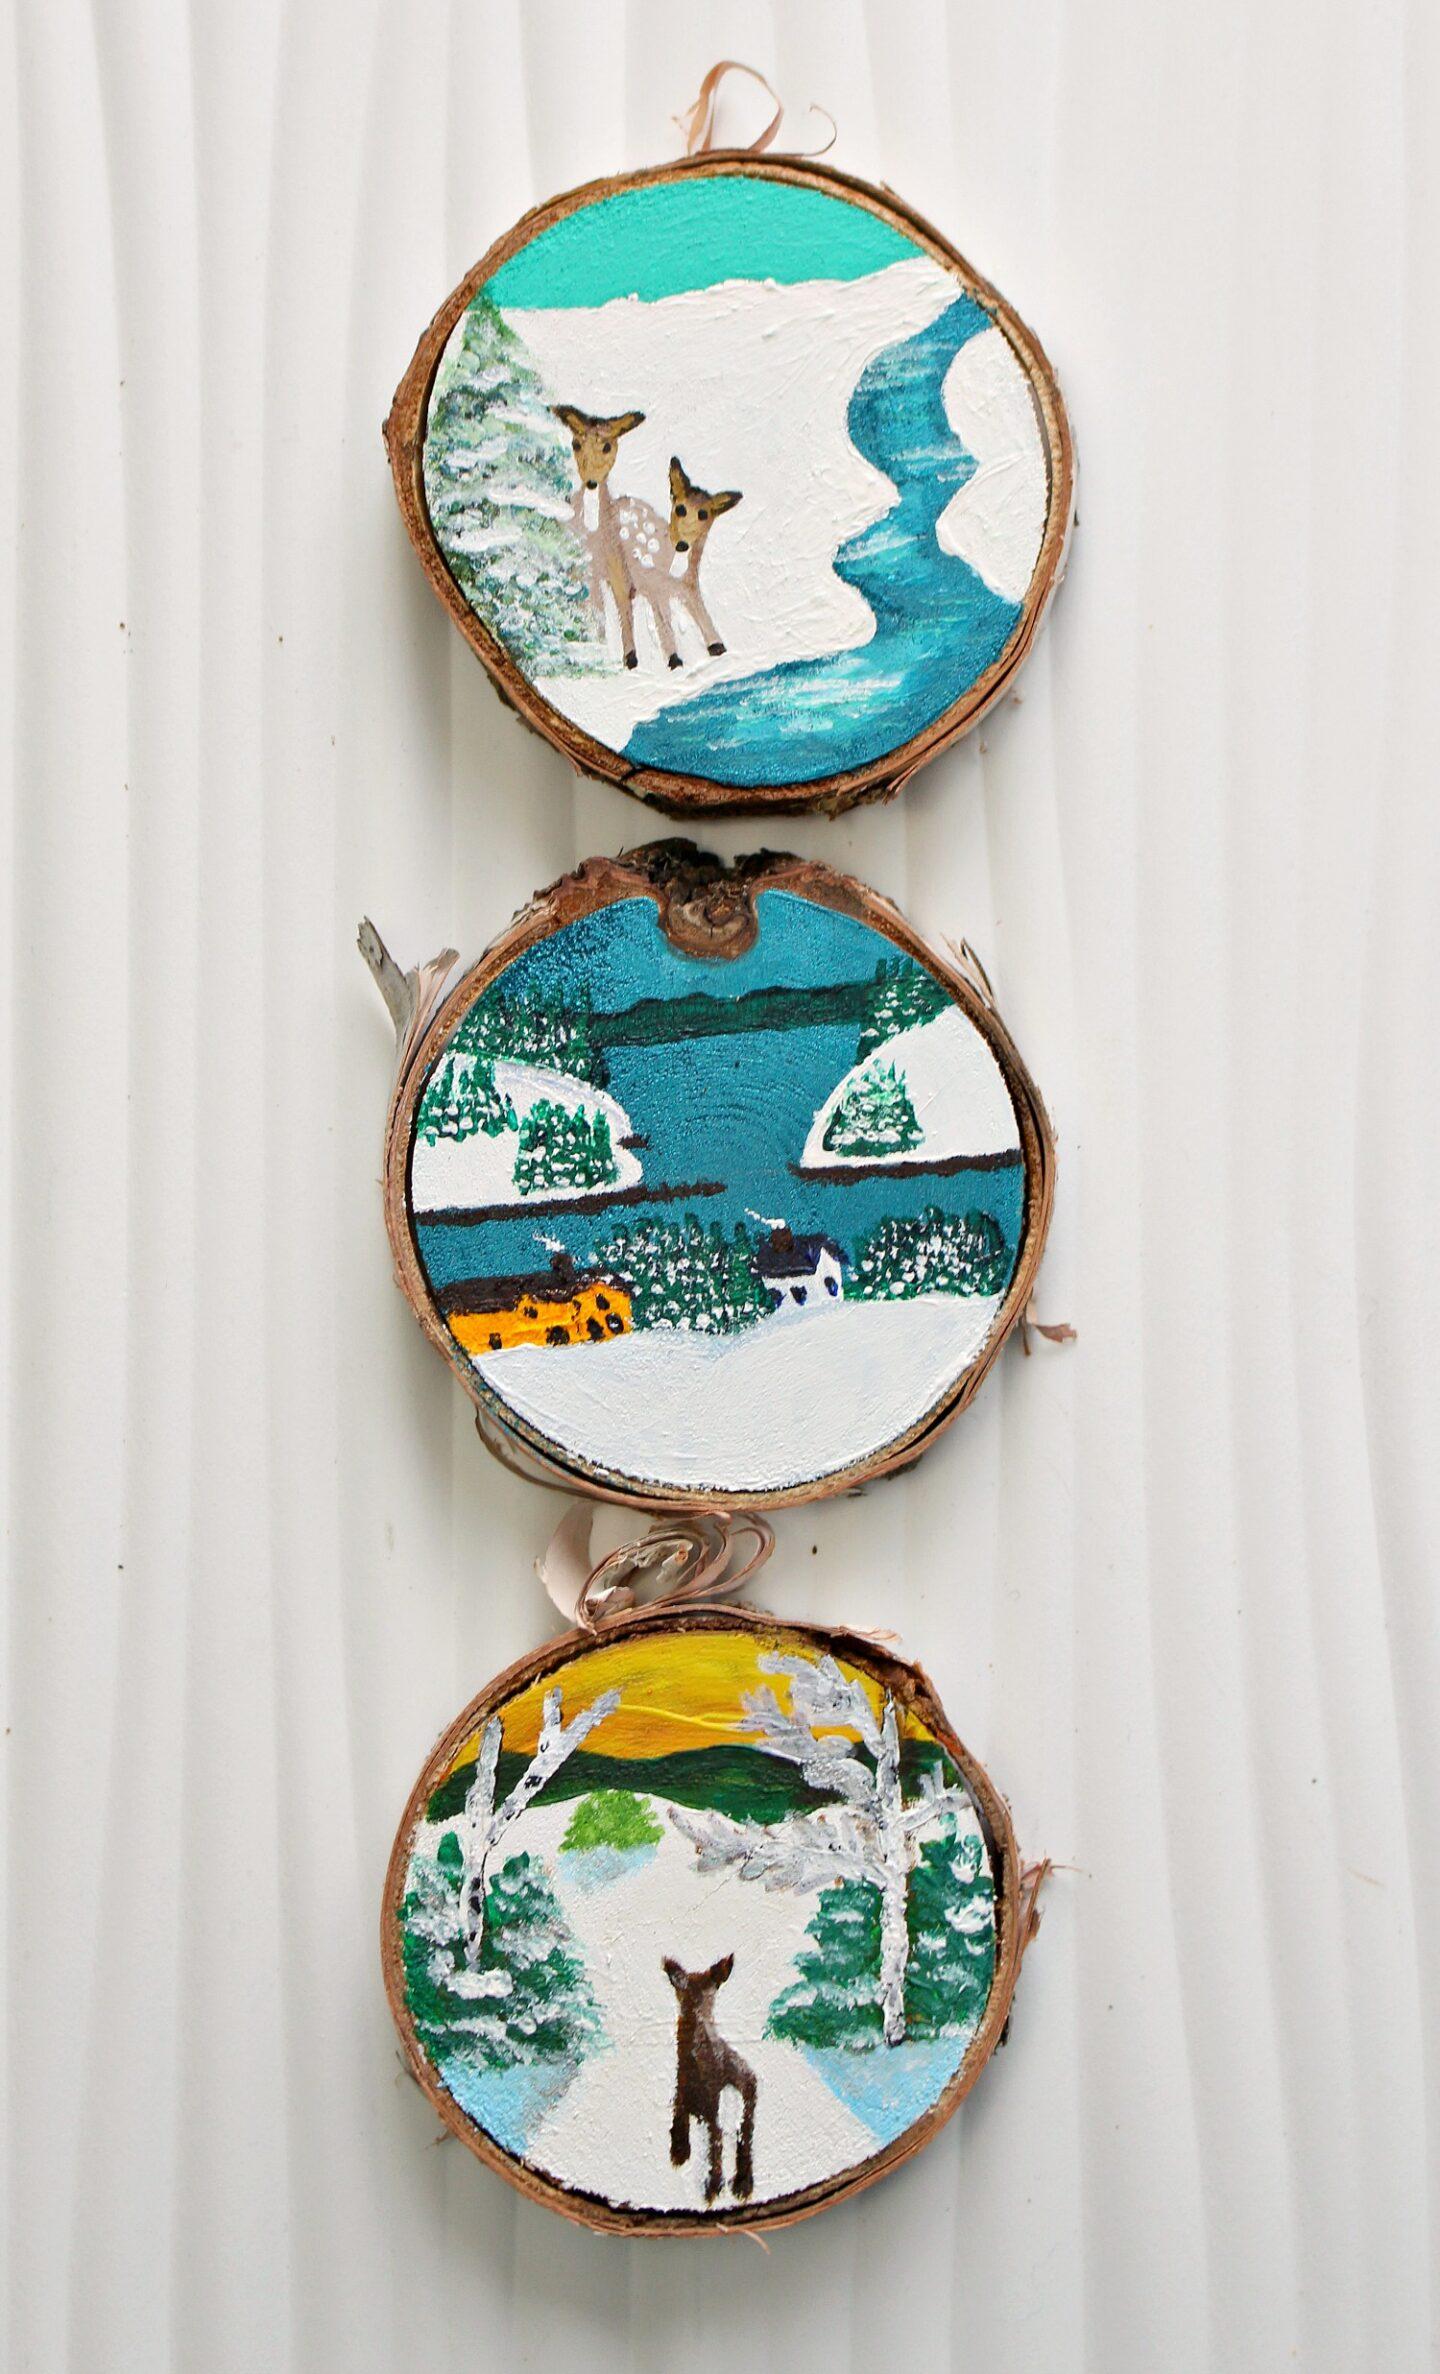 Décorations de Noël inspirées de Maud Lewis